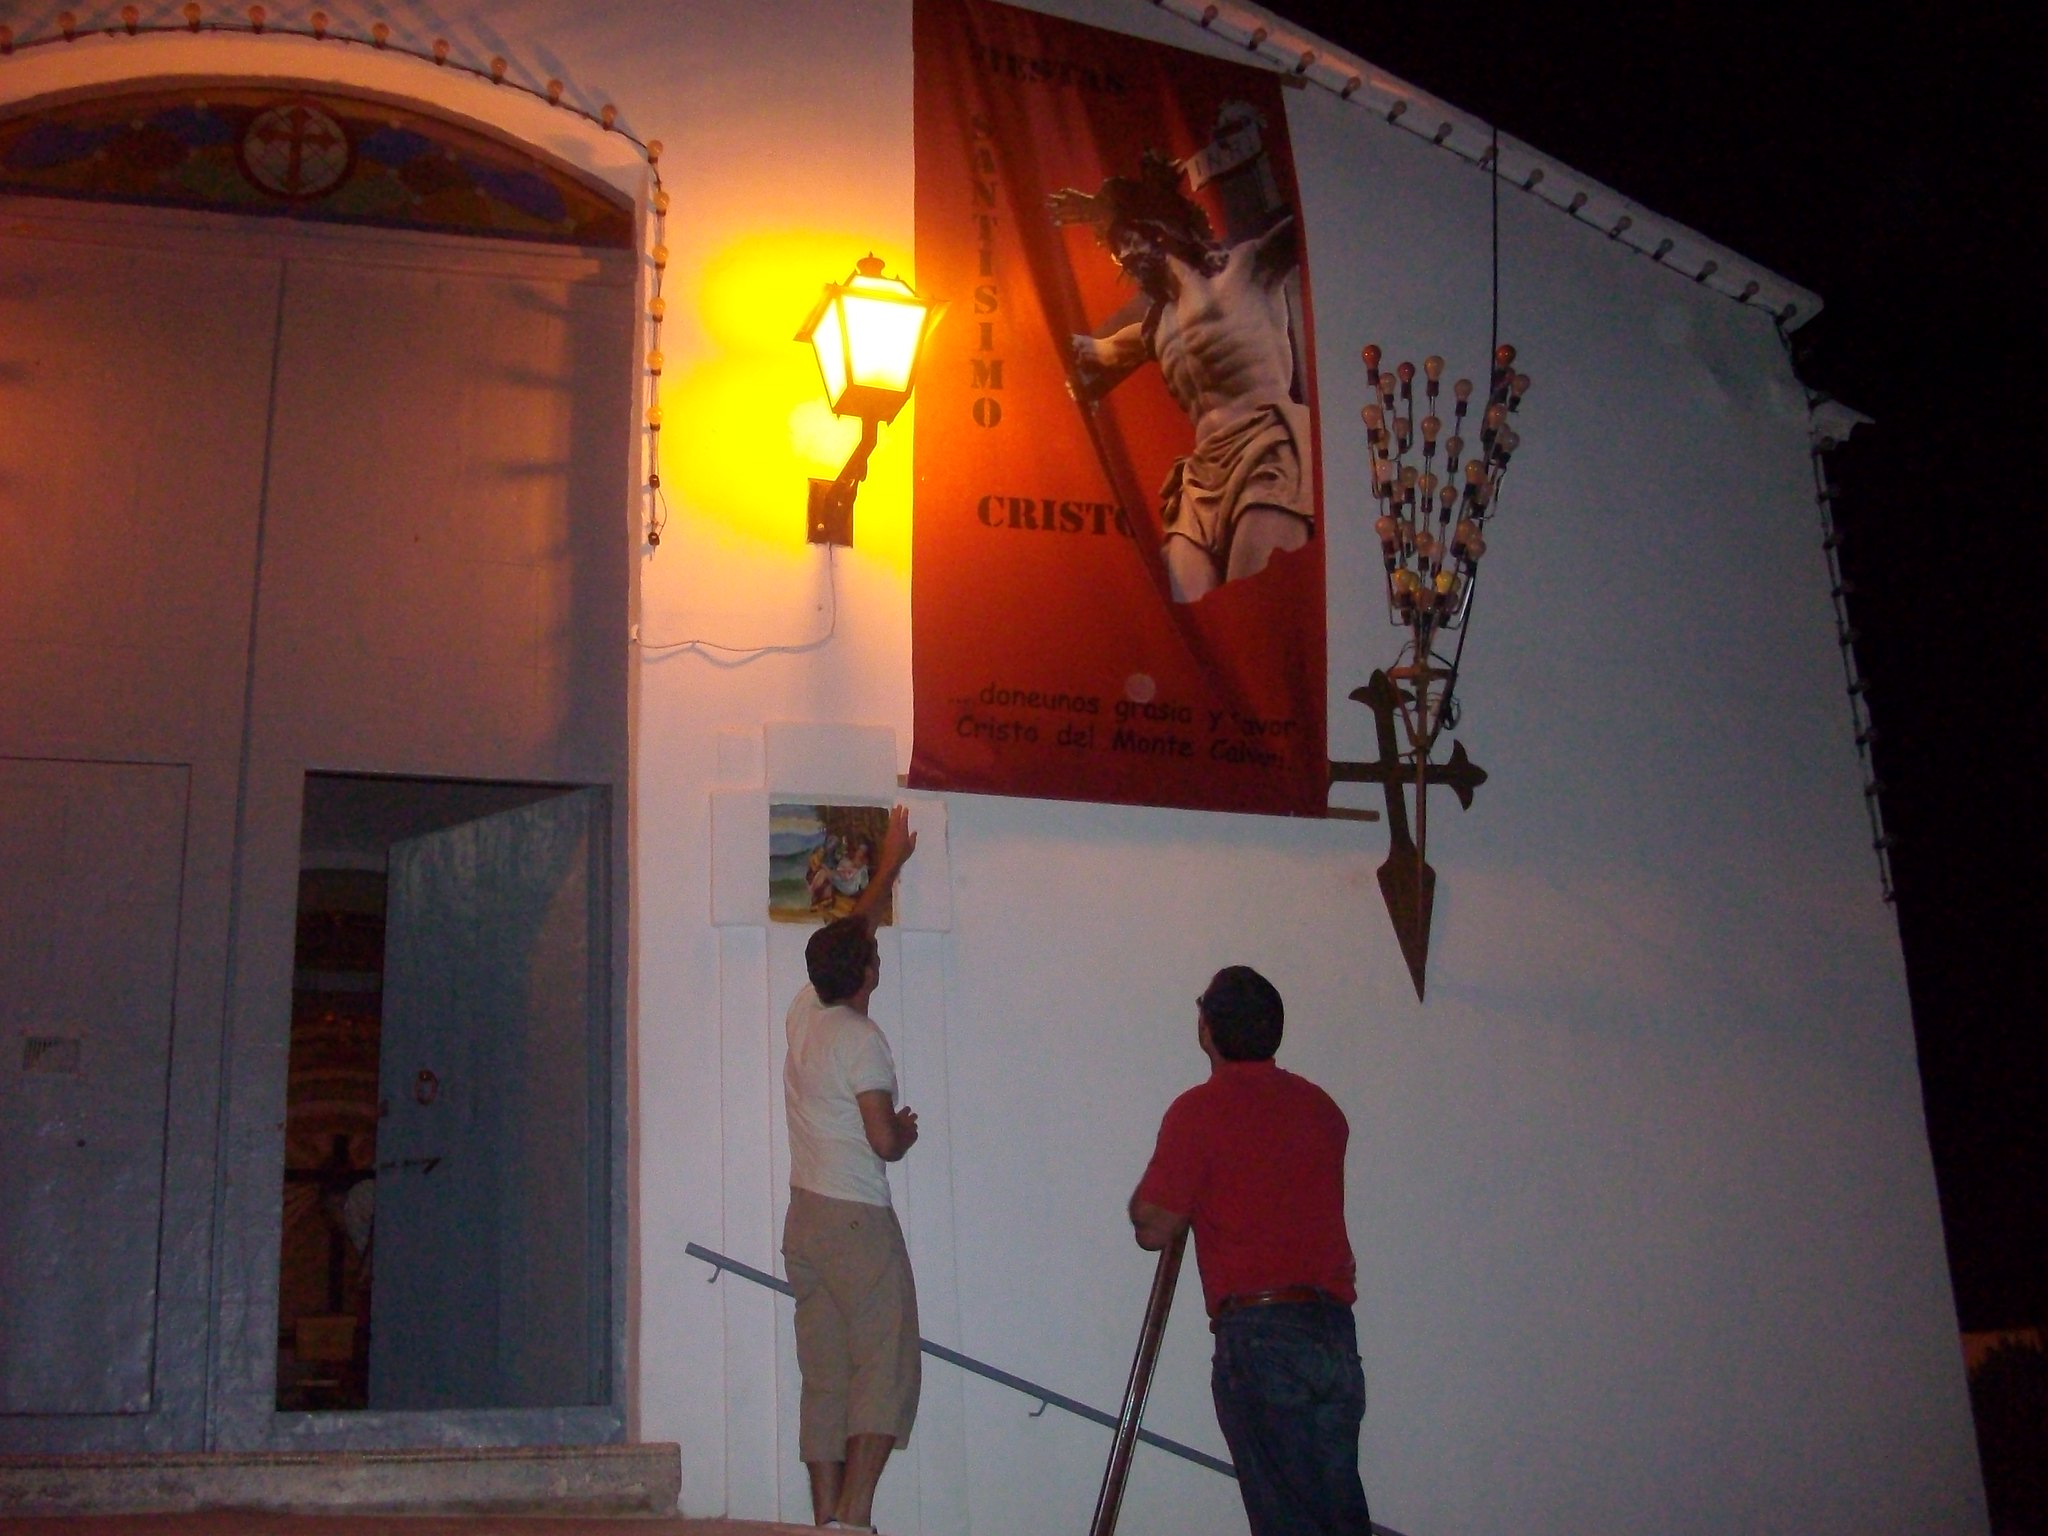 (2010-06-22) - Preparativos Imagen - Javier Romero Ripoll - (14)